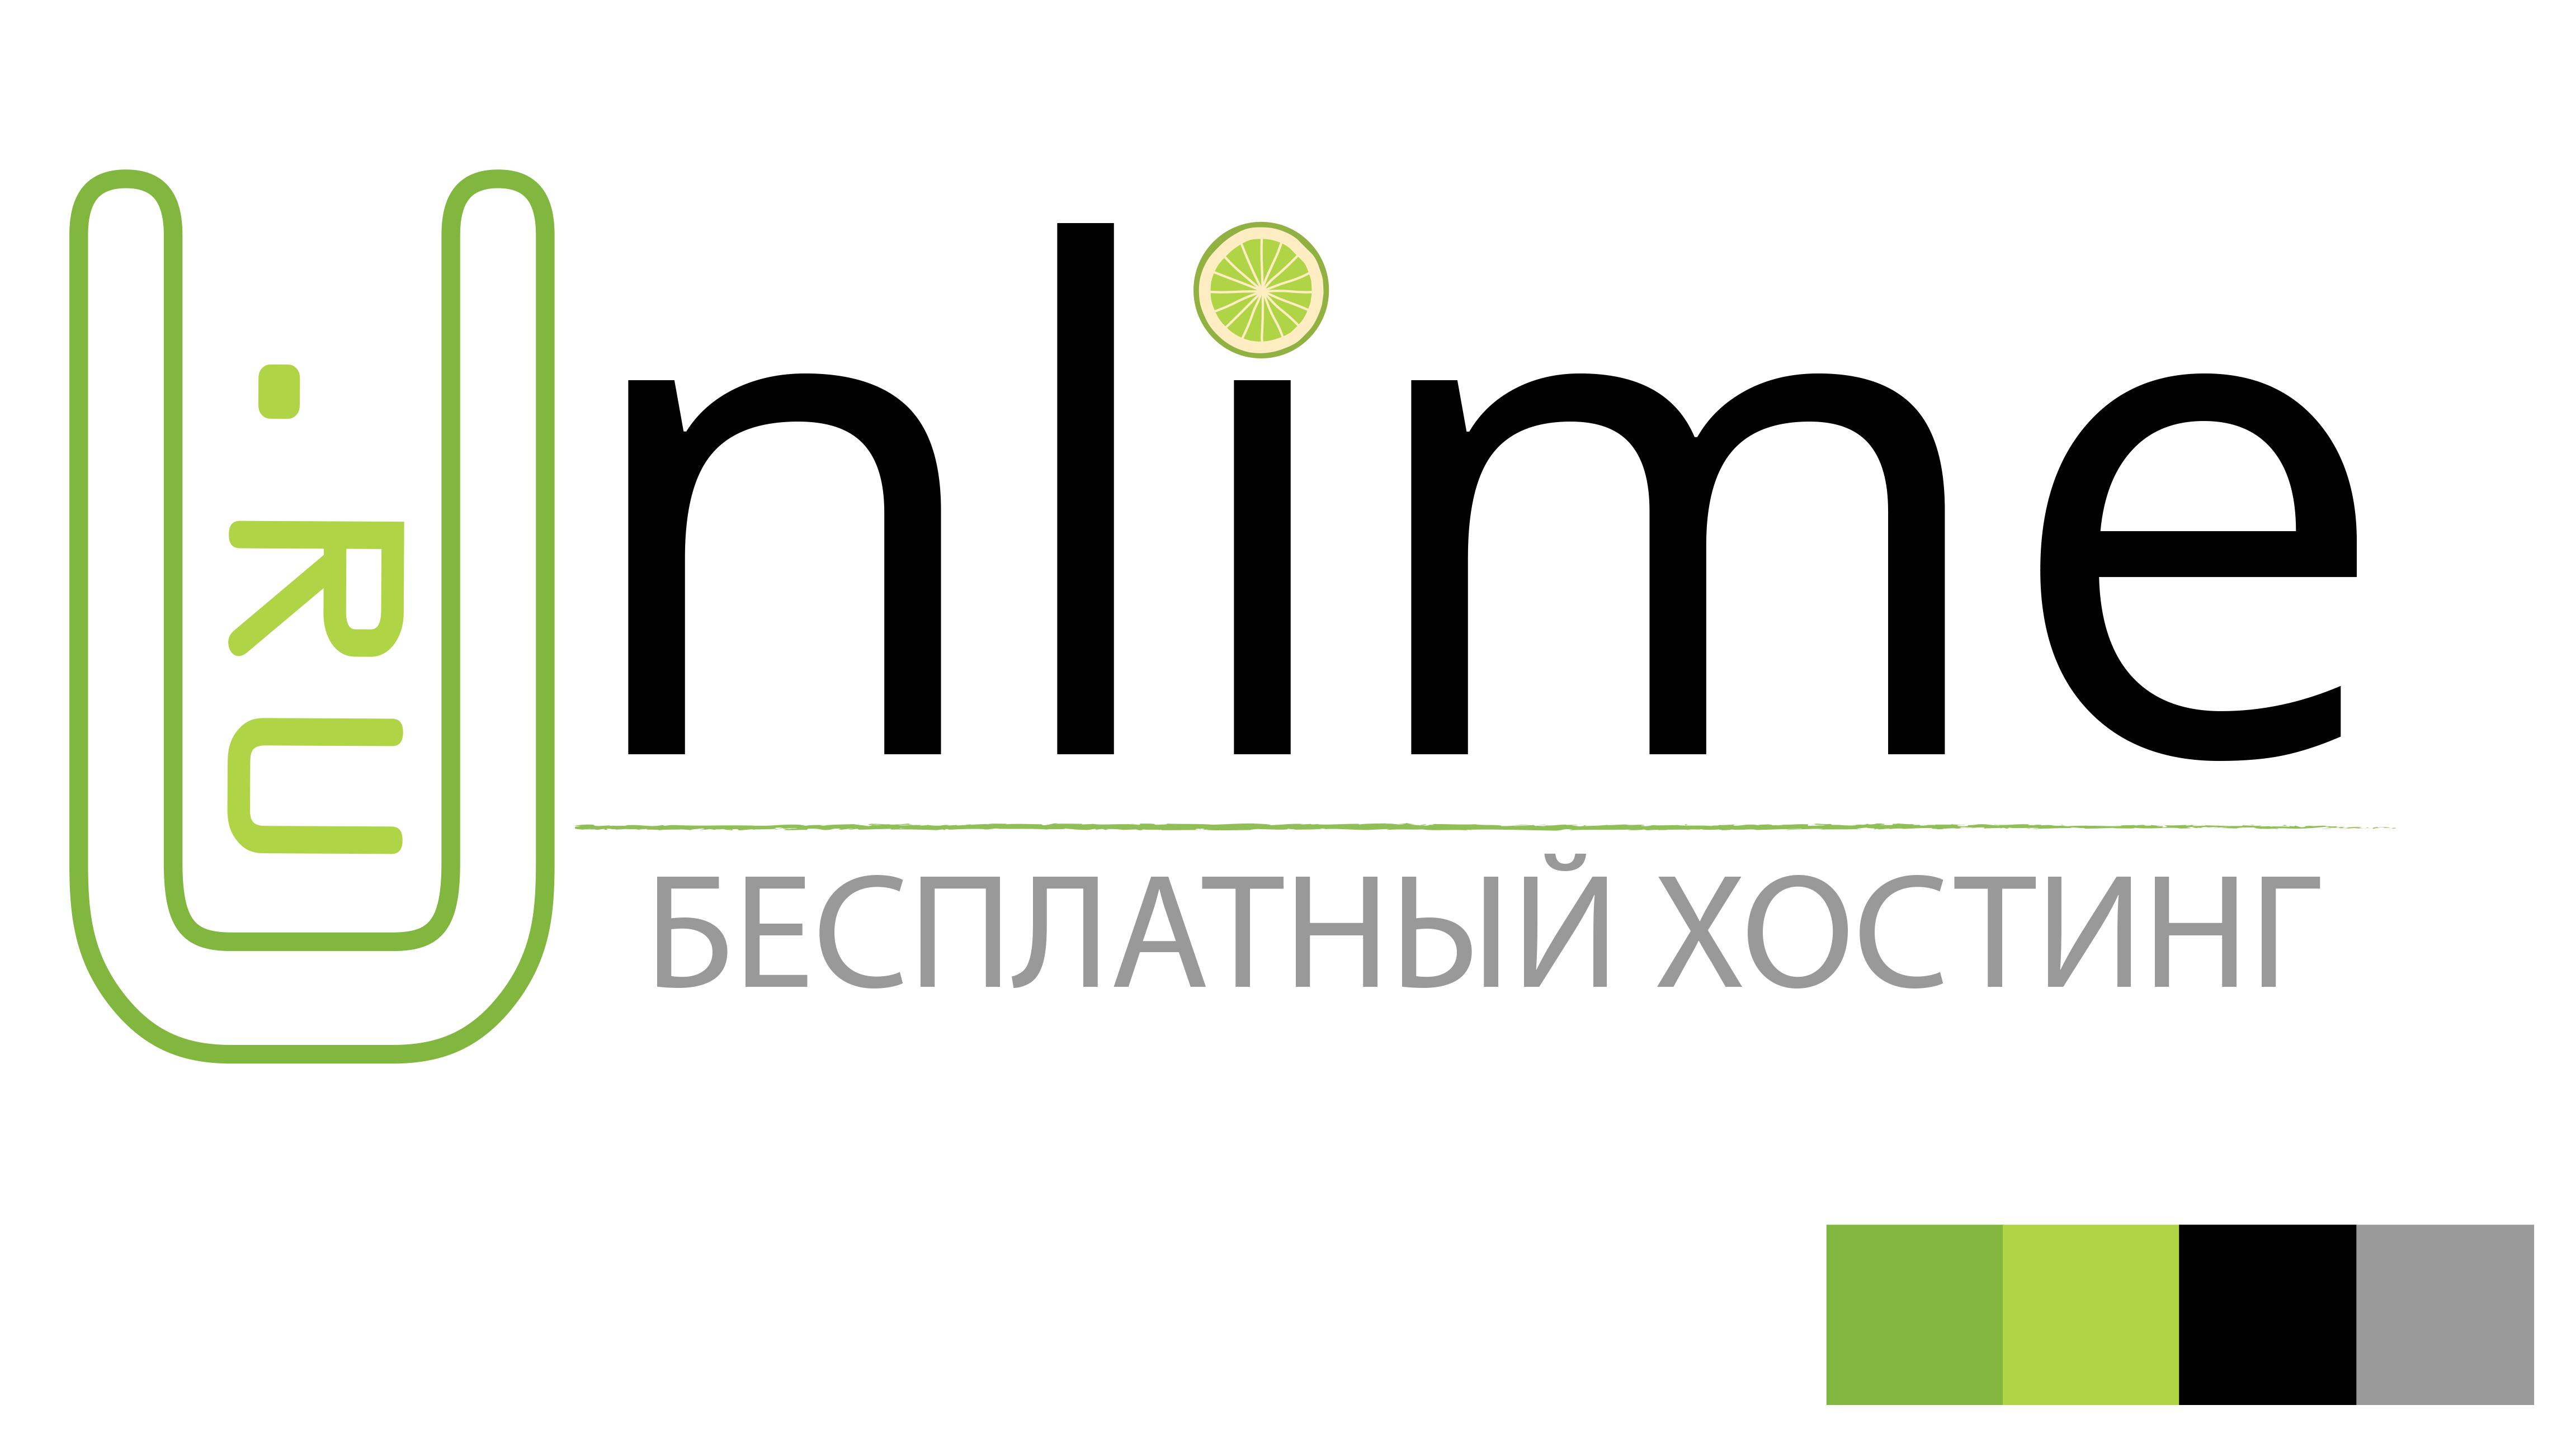 Разработка логотипа и фирменного стиля фото f_8025947db9580168.png